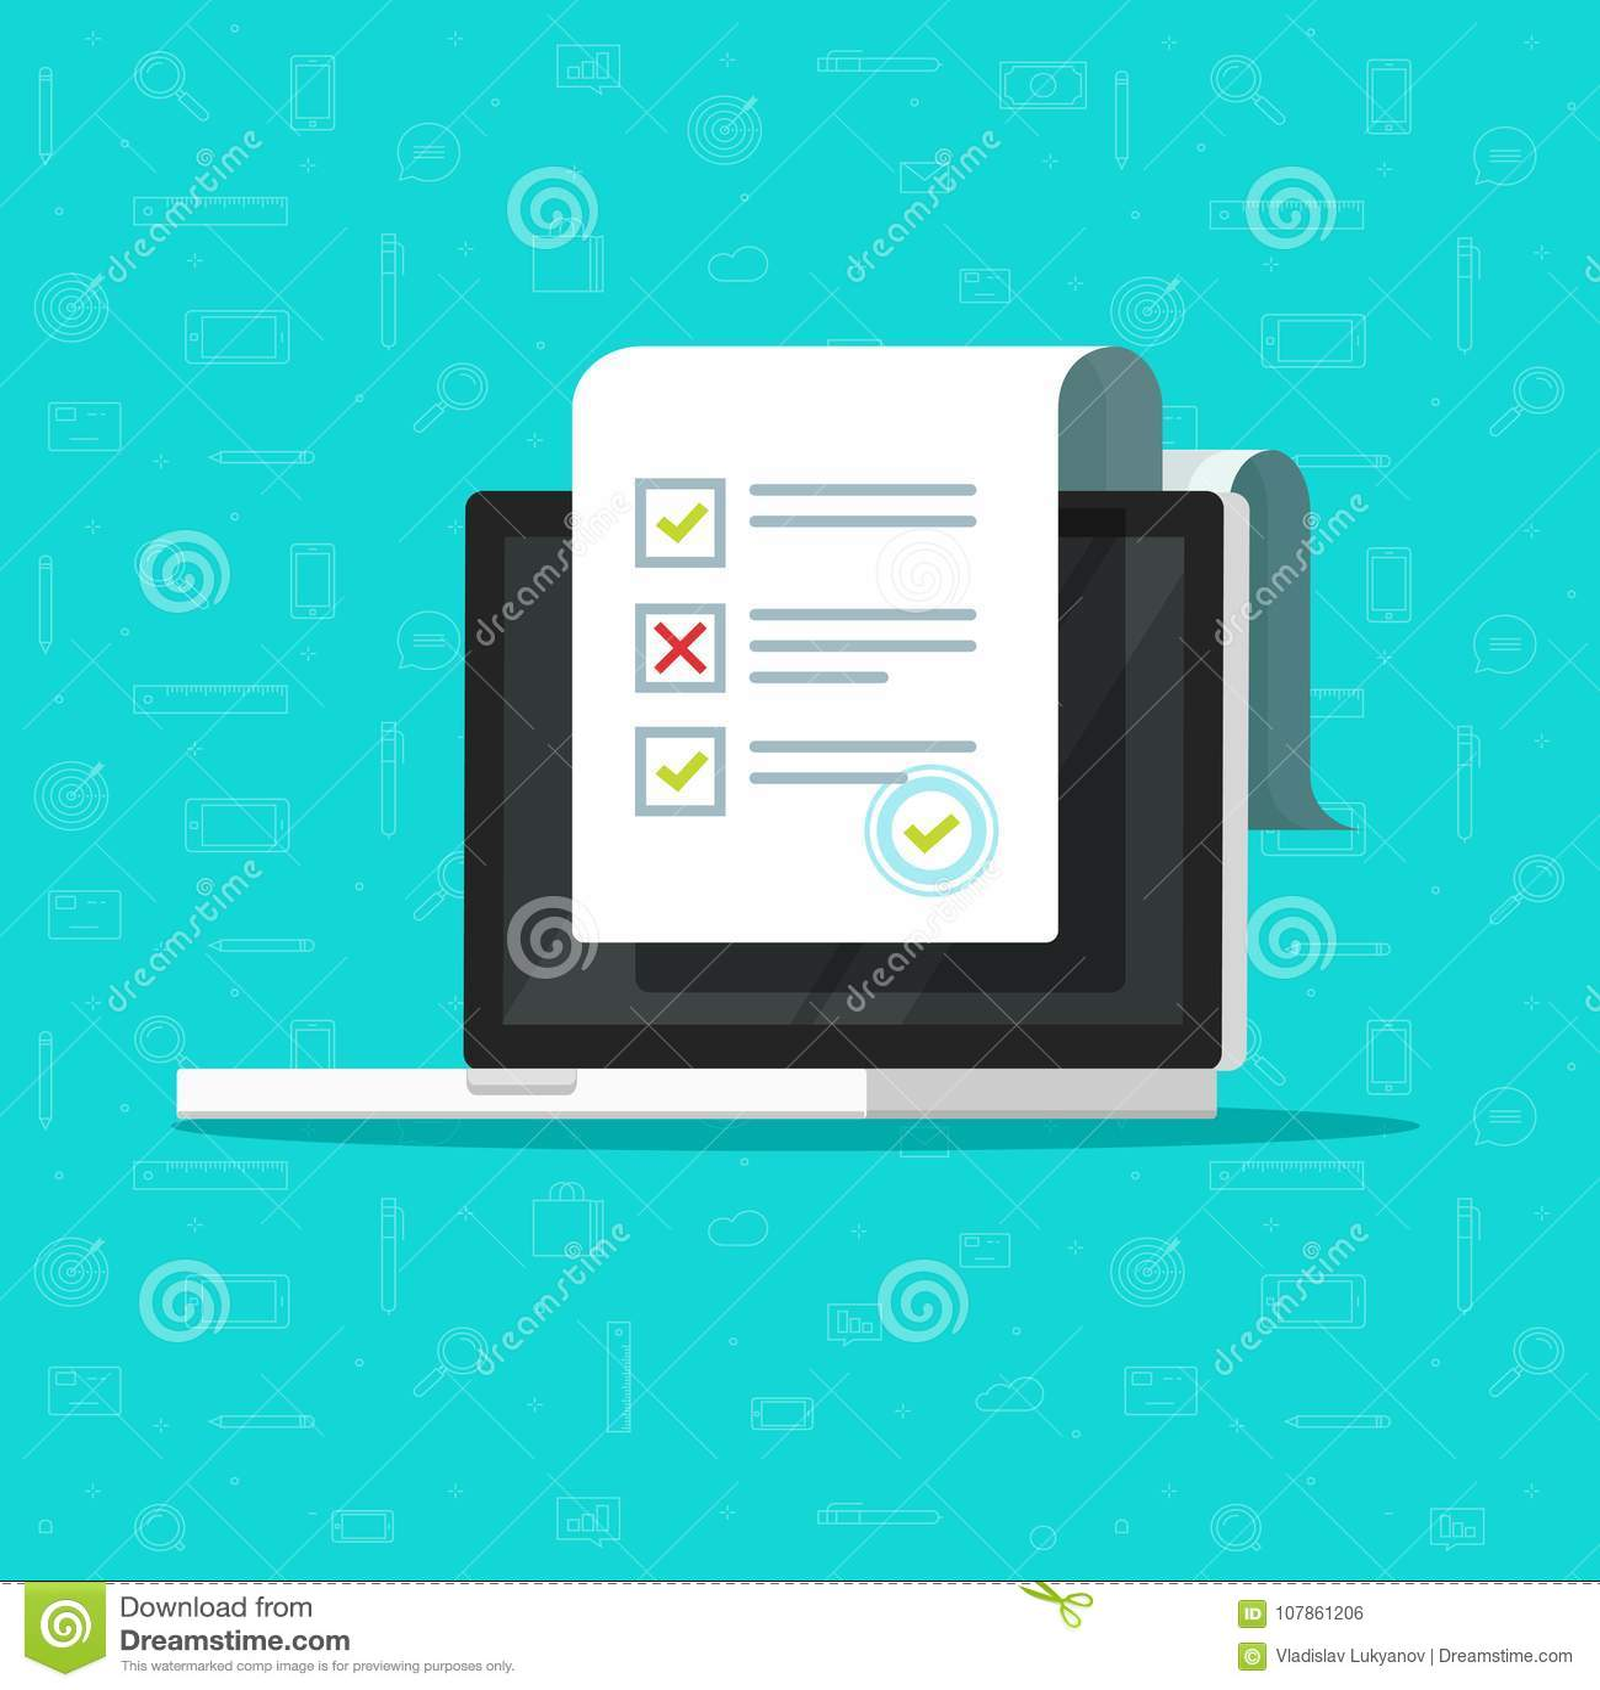 Avaliação em linha do formulário na ilustração do vetor do portátil, computador liso do projeto dos desenhos animados que mostra